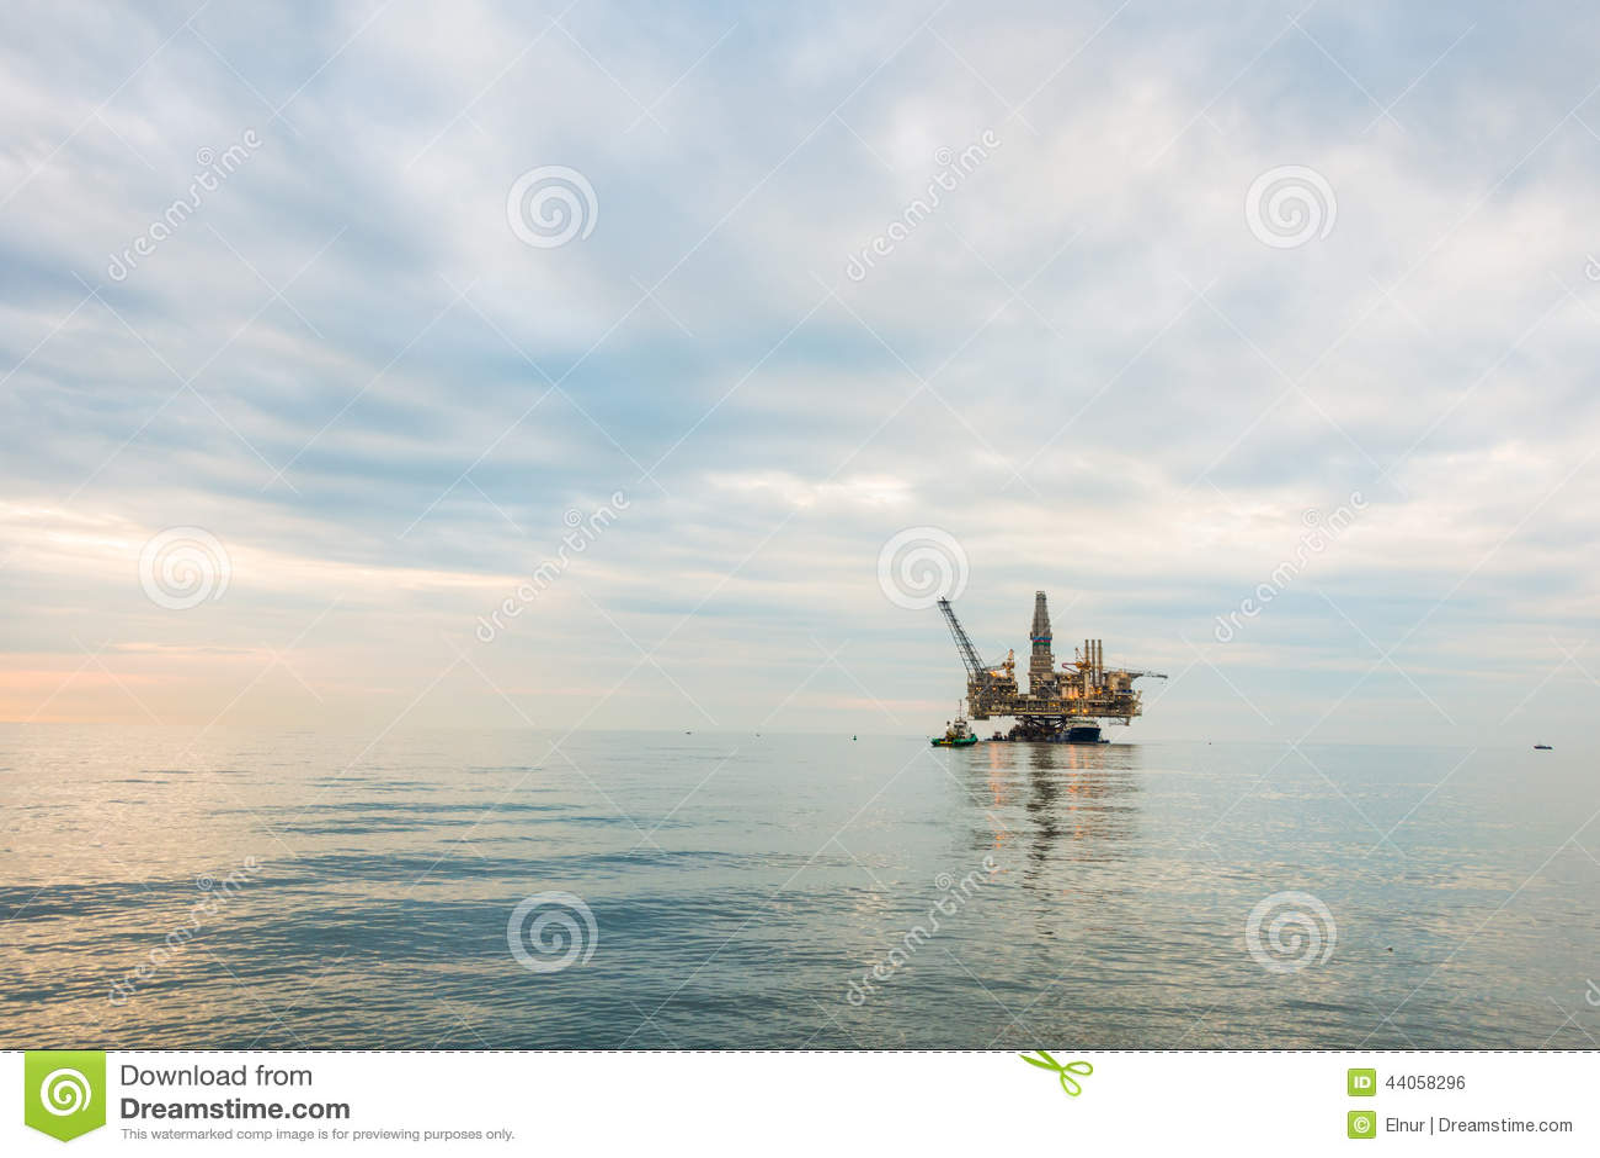 Plataforma da plataforma petrolífera